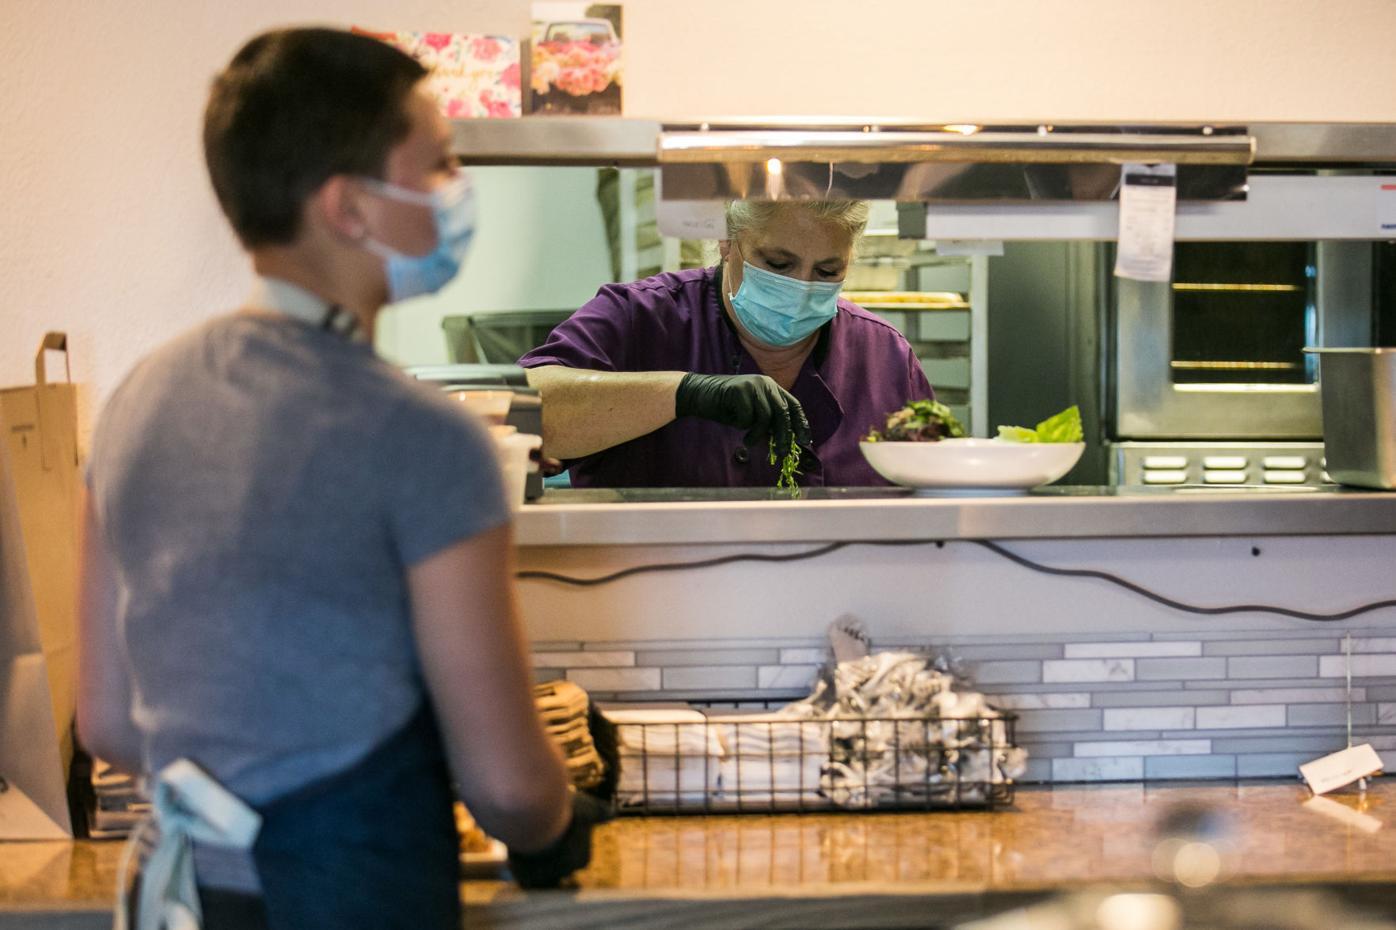 200719-yh-bl-restaurantupdate-2.jpg